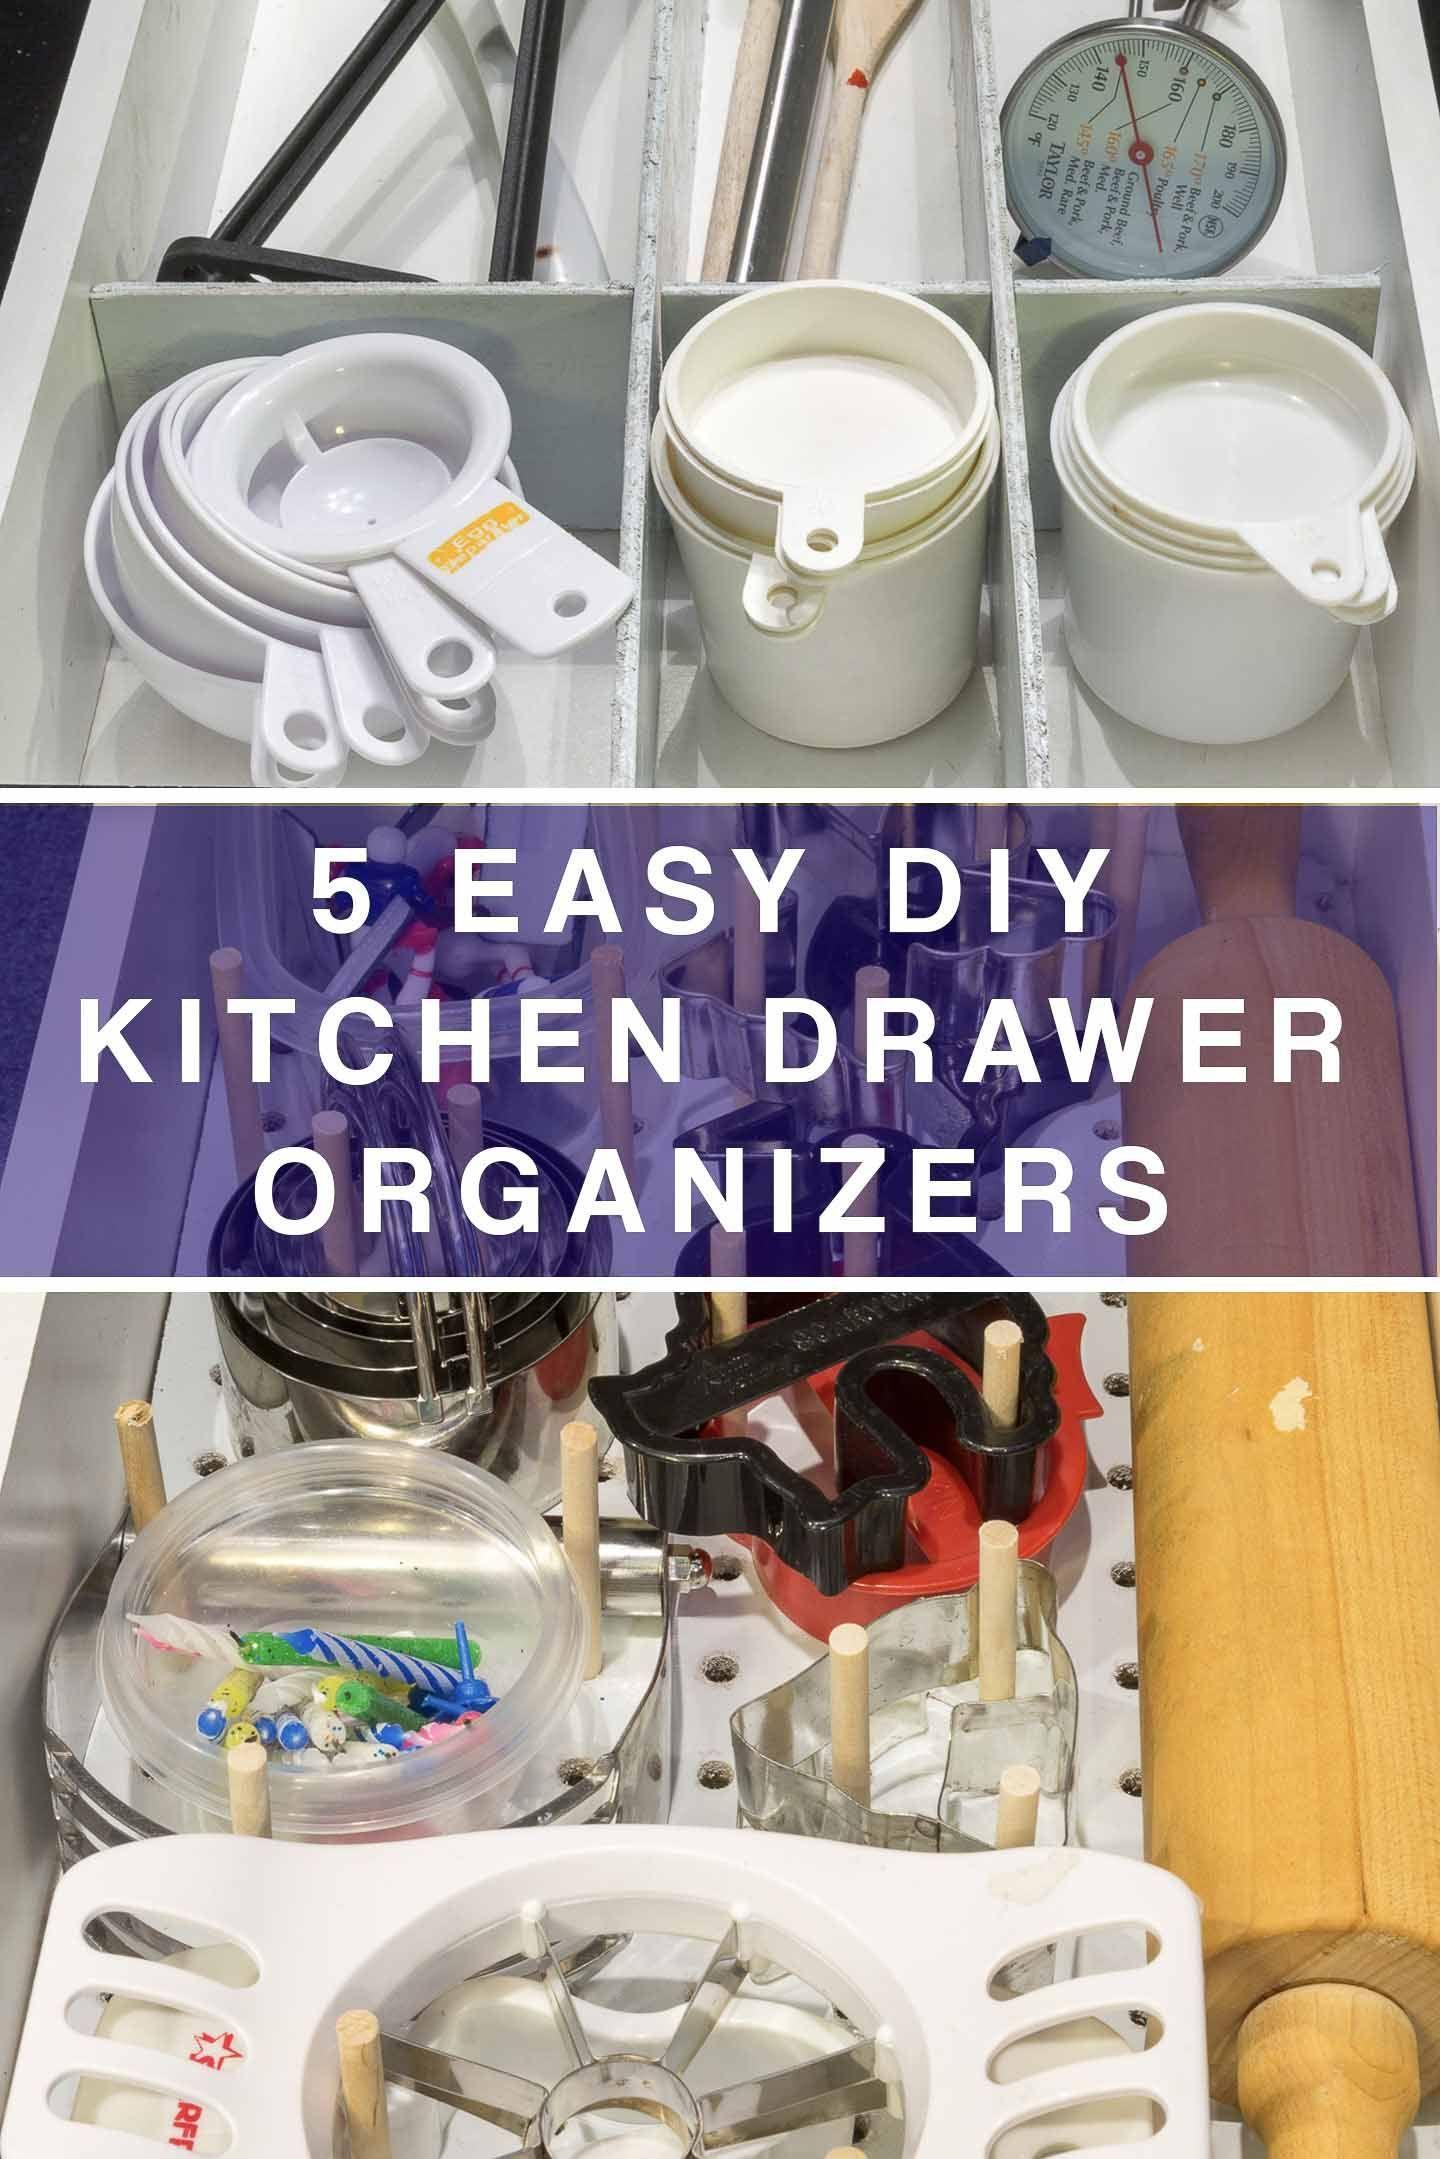 5 easy diy kitchen drawer organizer ideas kitchen drawer